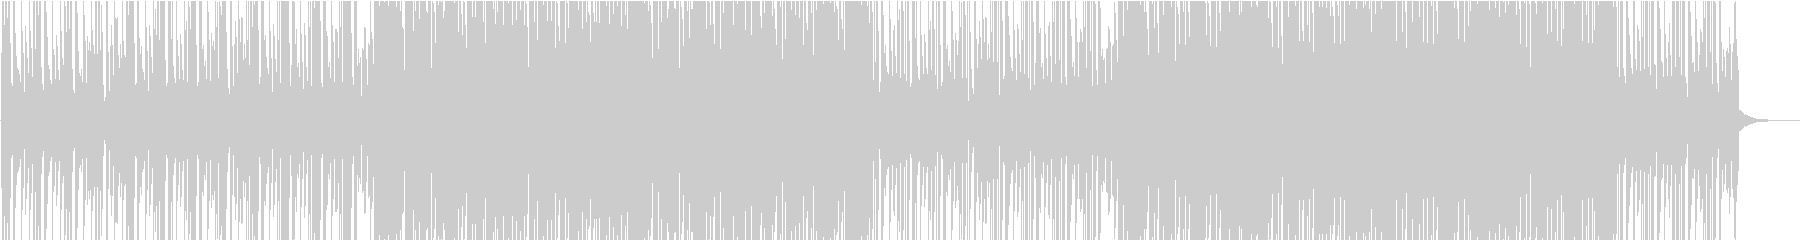 ティーン 民謡 アクティブ 明るい...の未再生の波形